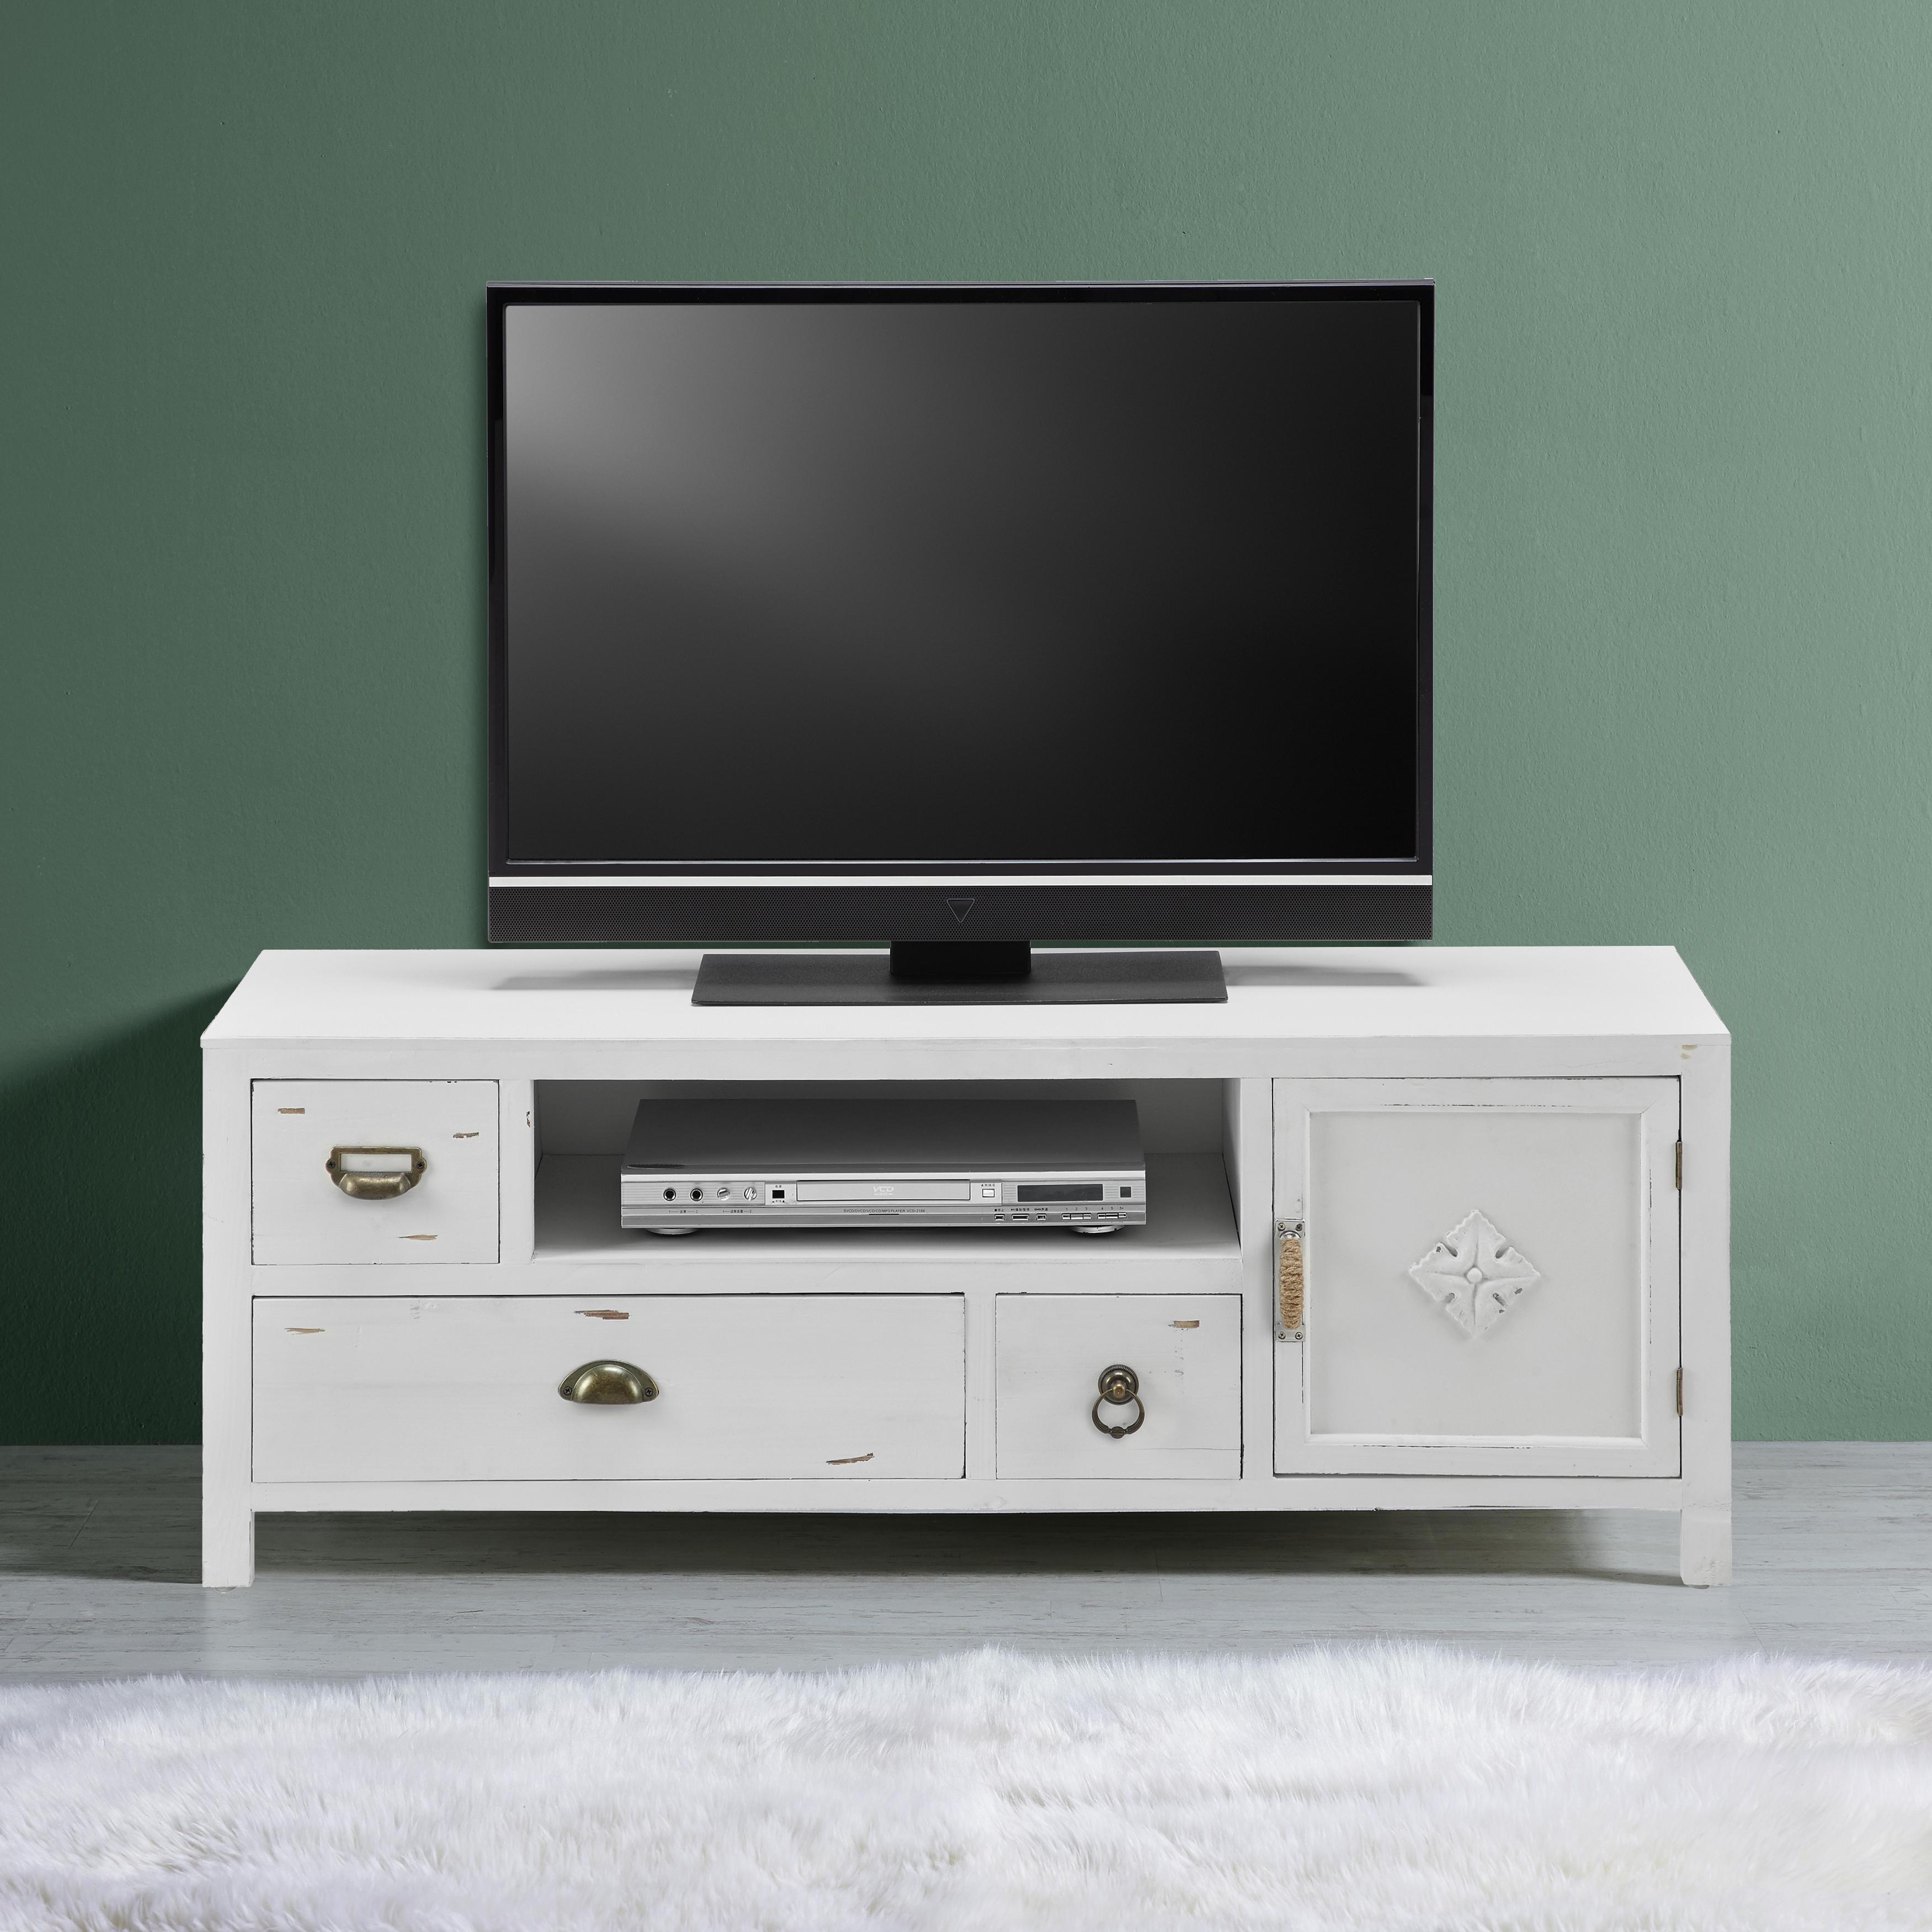 tv wandhalterung fur medienwand ideen zum selberbauen, wohnwände & tv- möbel jetzt entdecken | mömax, Ideen entwickeln